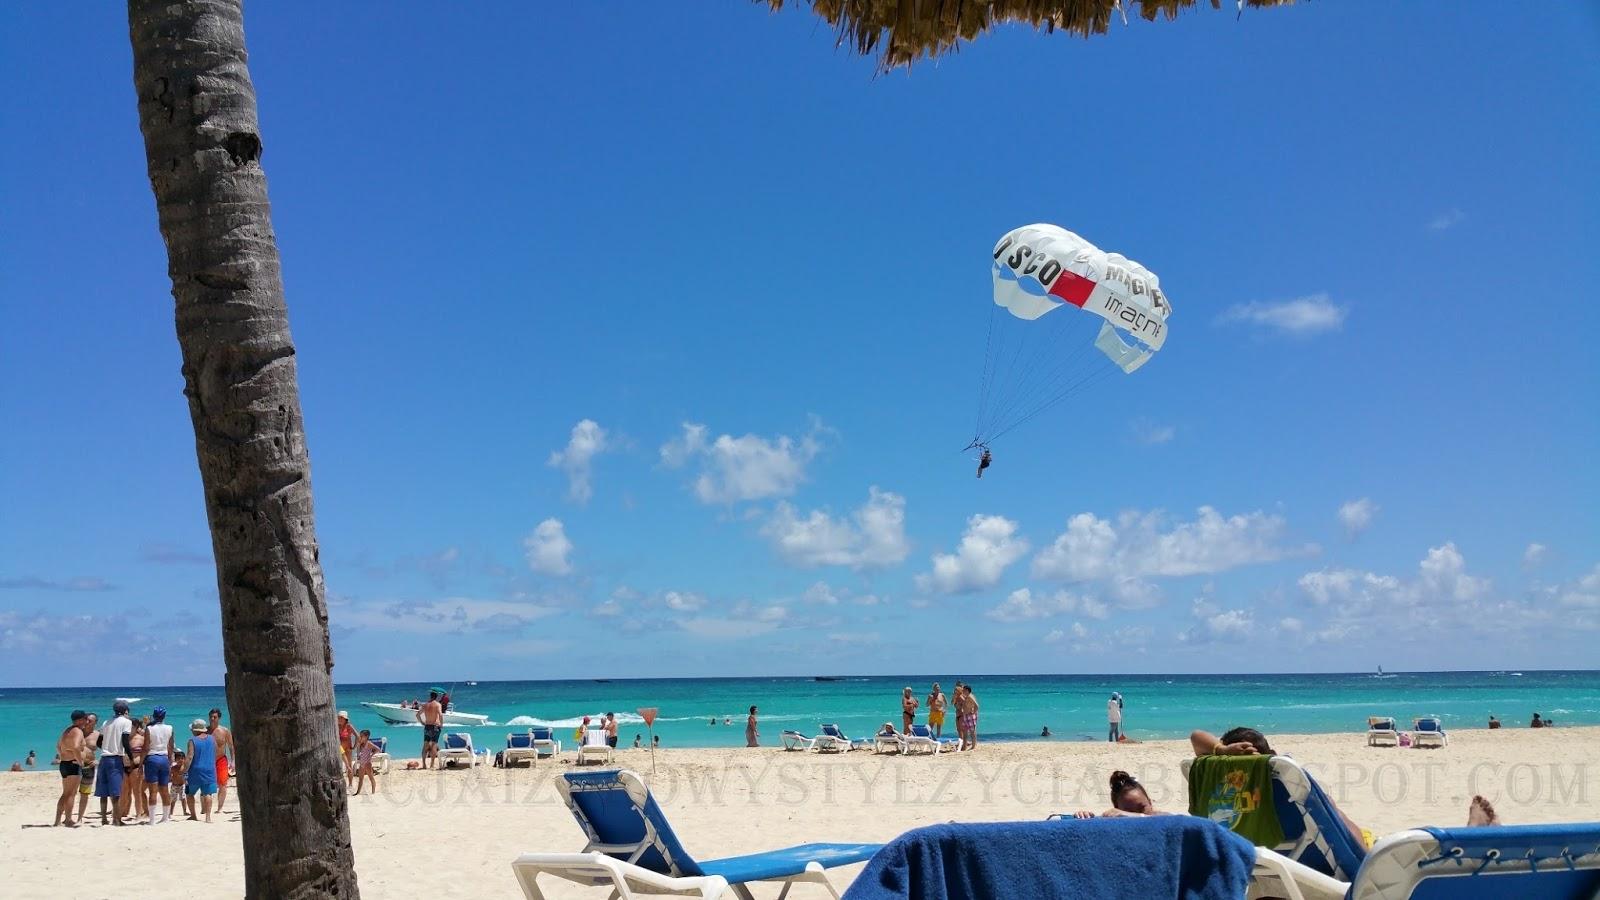 Rozrywka i wypoczynek - plaża Dominikana, hotel Grand Bahia Principe